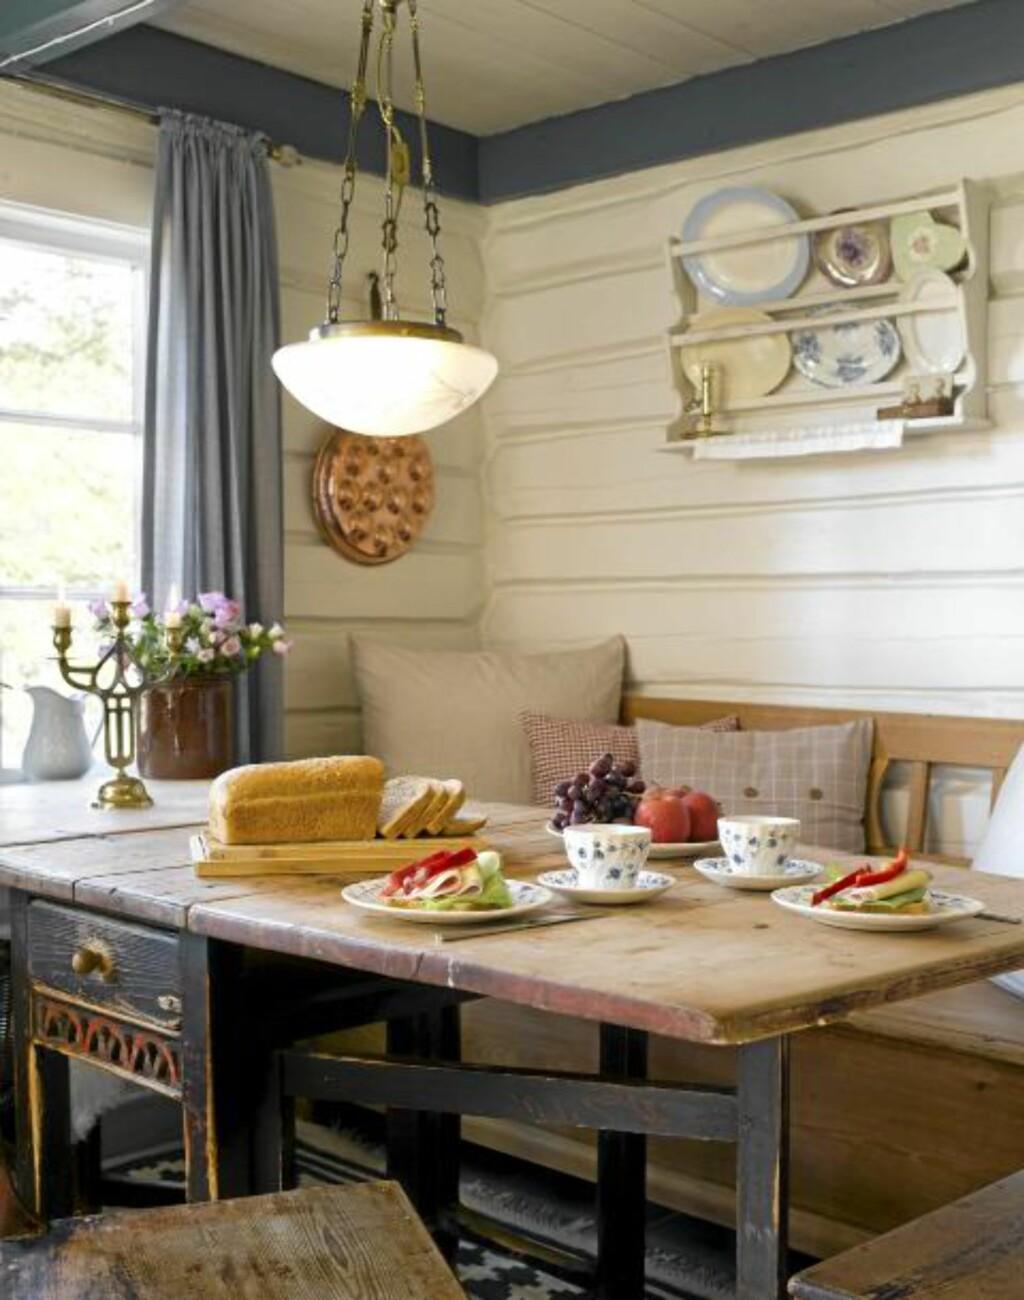 SJARMERENDE SPISEKROK: Til den koselige spisekroken har de kjøpt et gammelt bord fra 1820 på en brukthandel. Benken er arvegods. FOTO: Per Erik Jæger